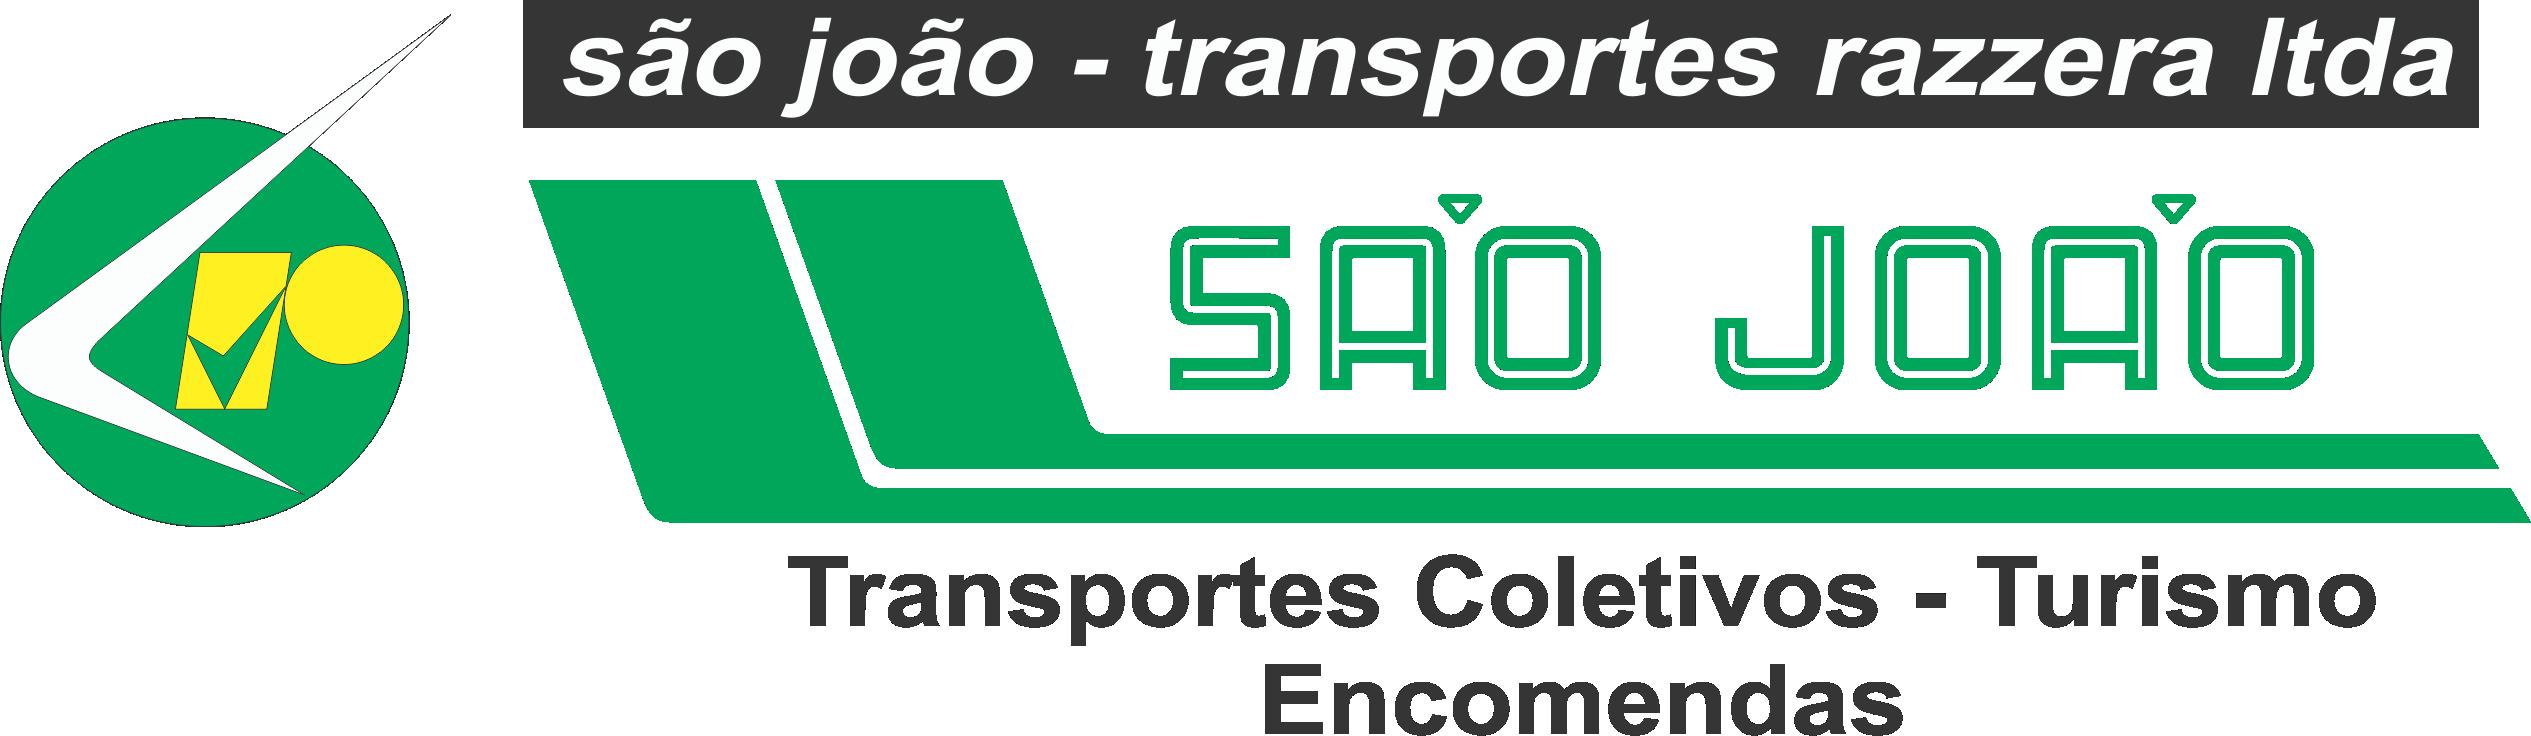 São João Transportes